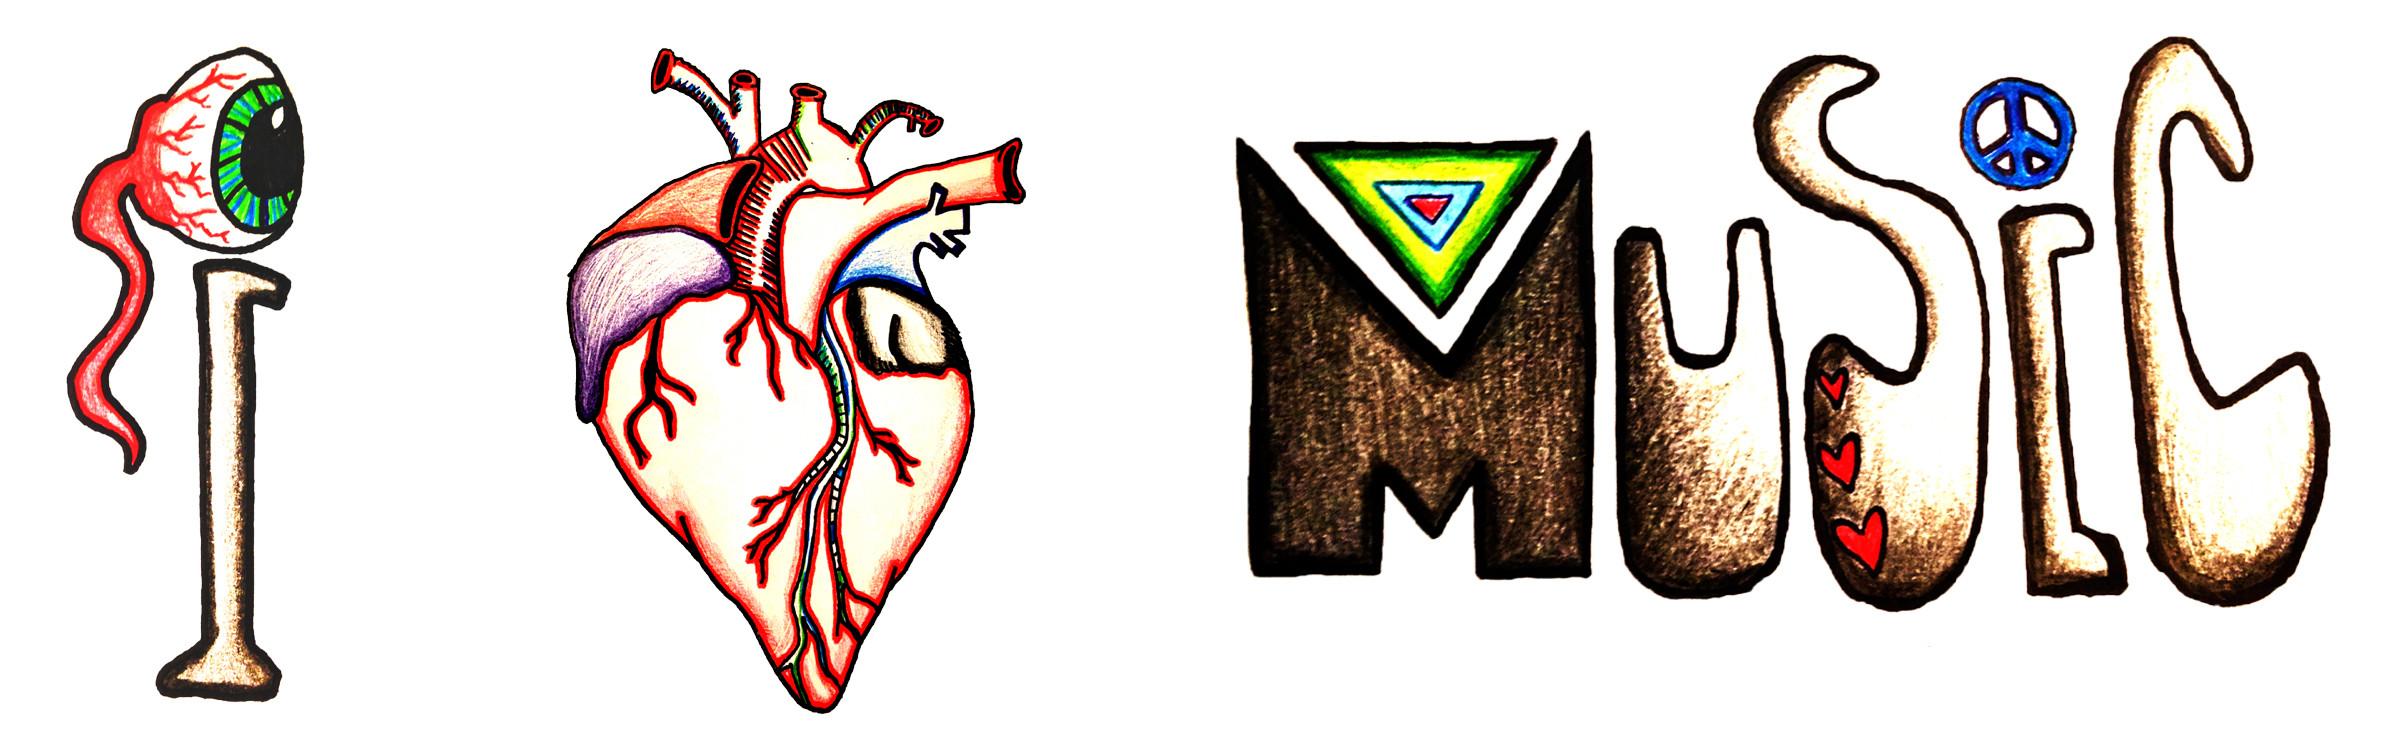 I Heart Music - $5